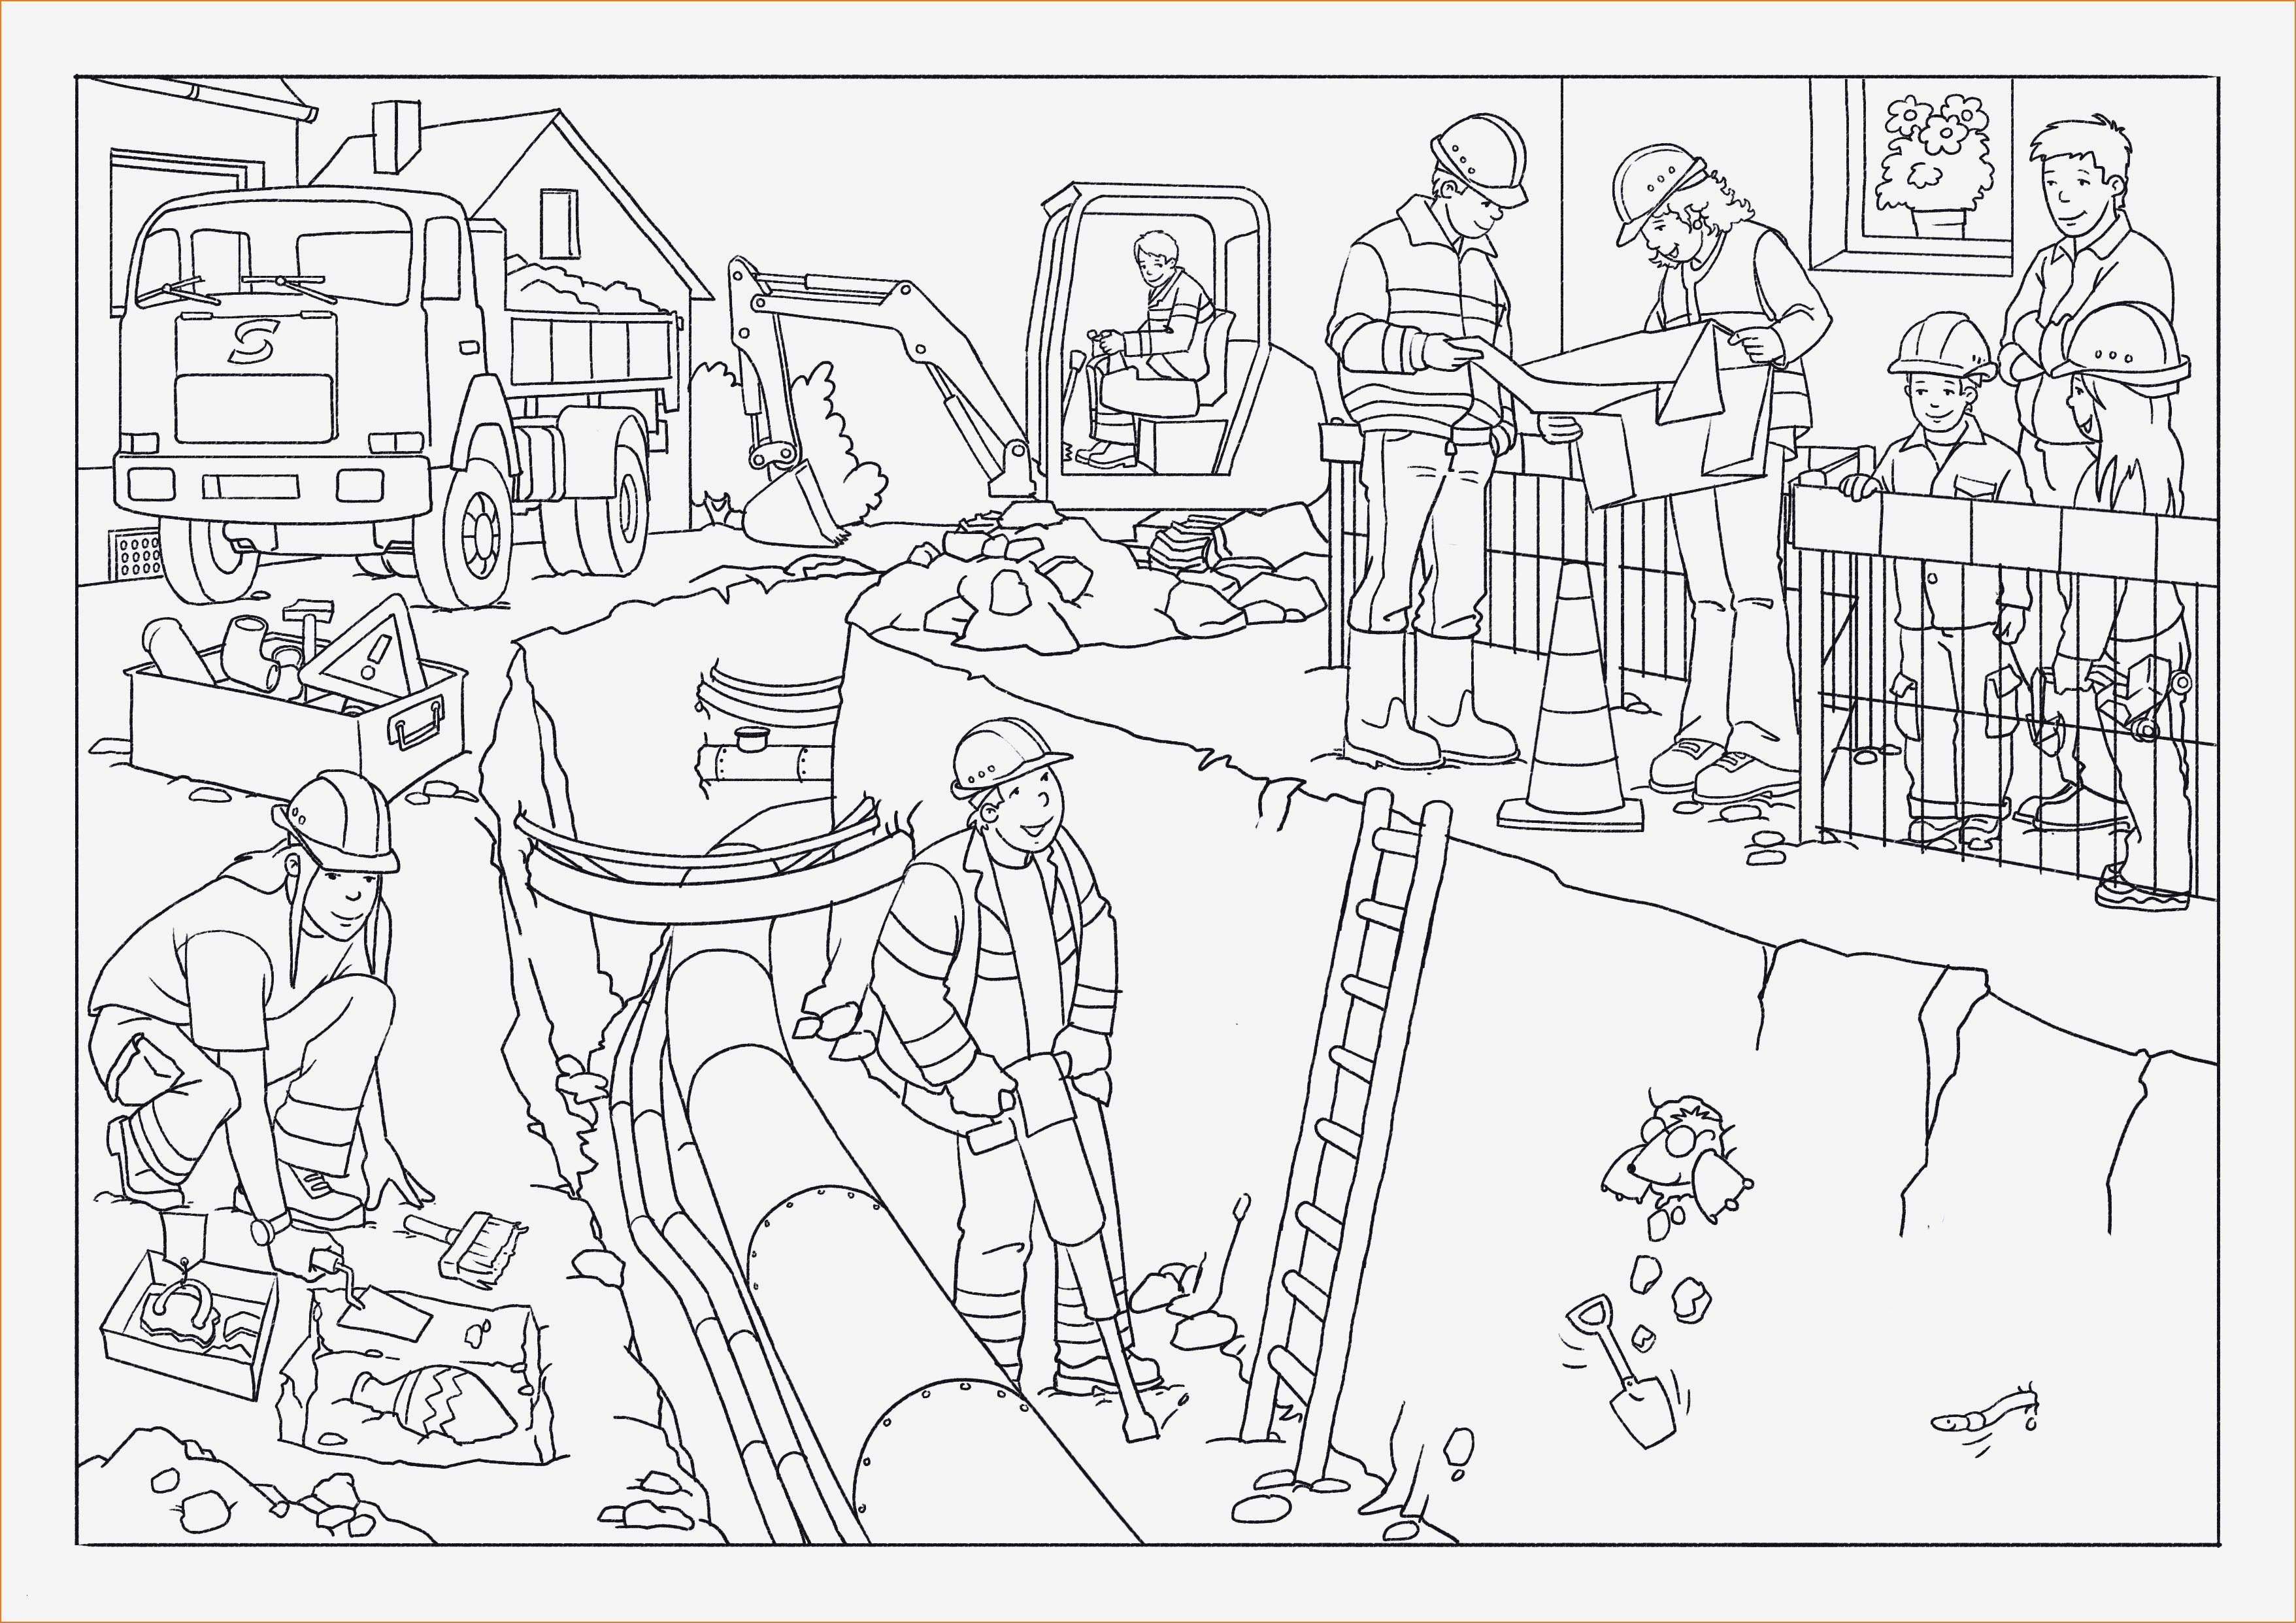 Hogwarts Wappen Zum Ausdrucken Einzigartig 40 Ausmalbilder Erwachsene Drucken Scoredatscore Luxus Ausmalbilder Sammlung